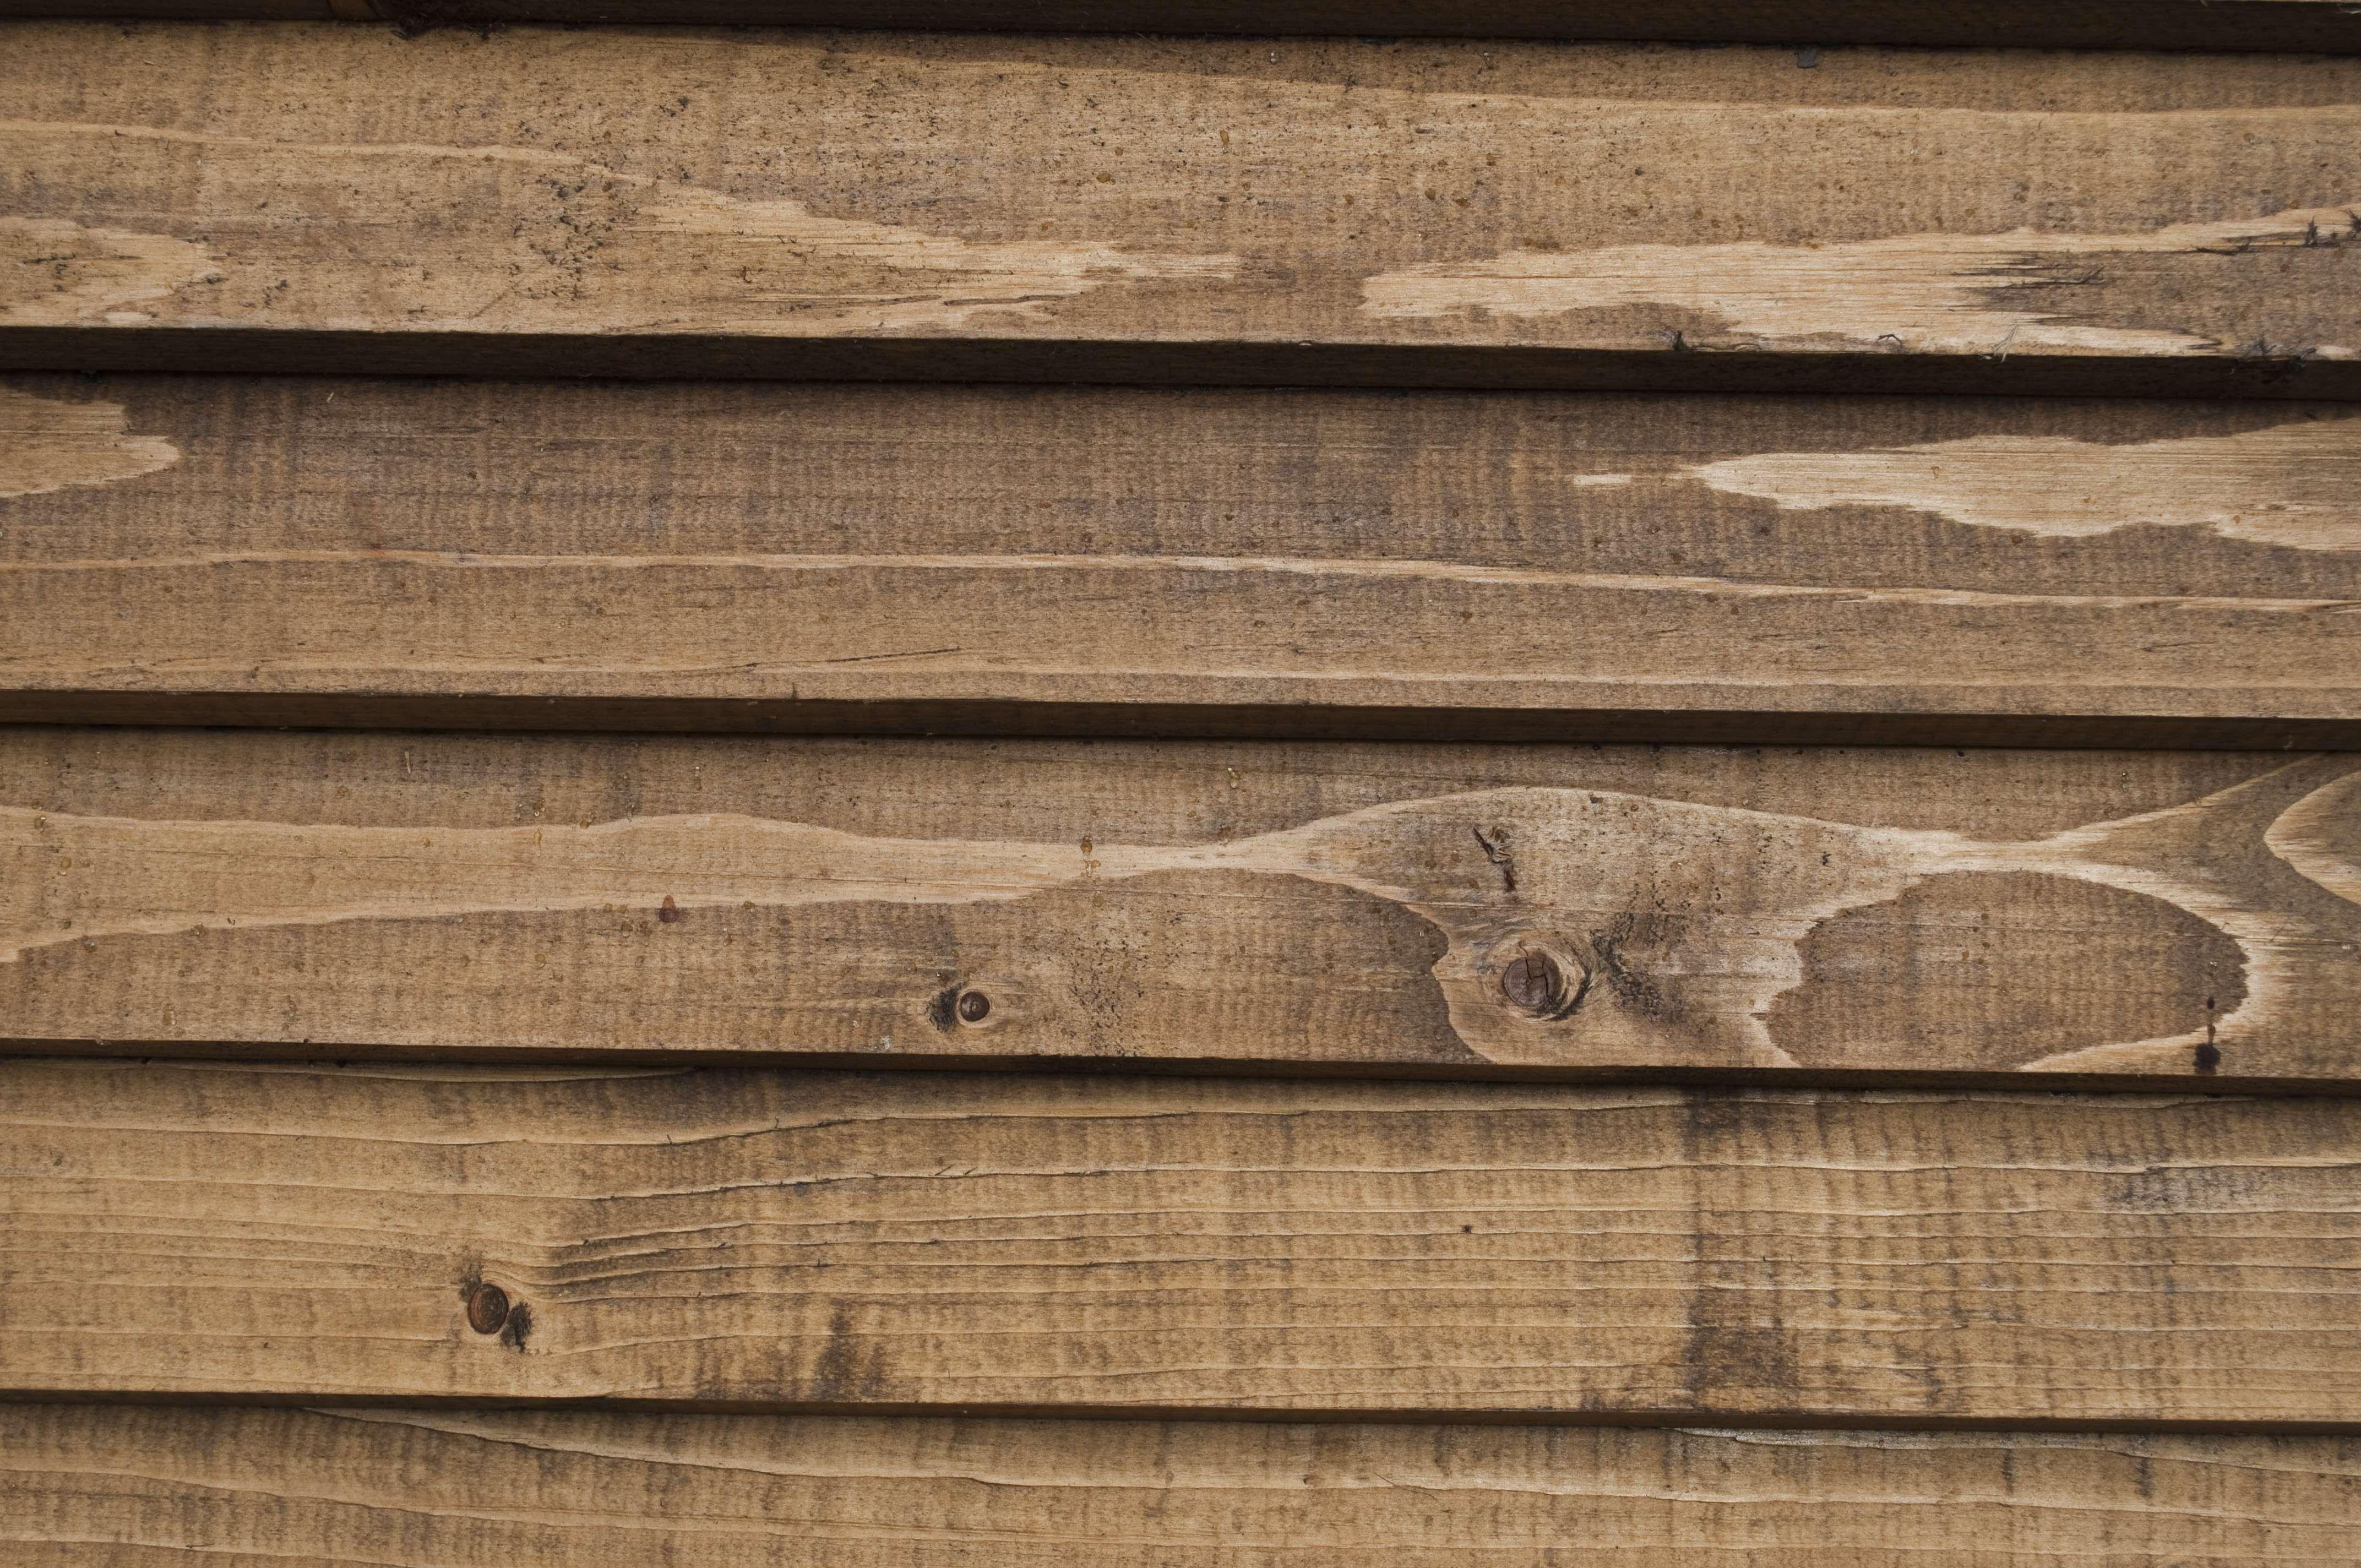 Textura madera vieja imagui - Transferir fotos a madera ...